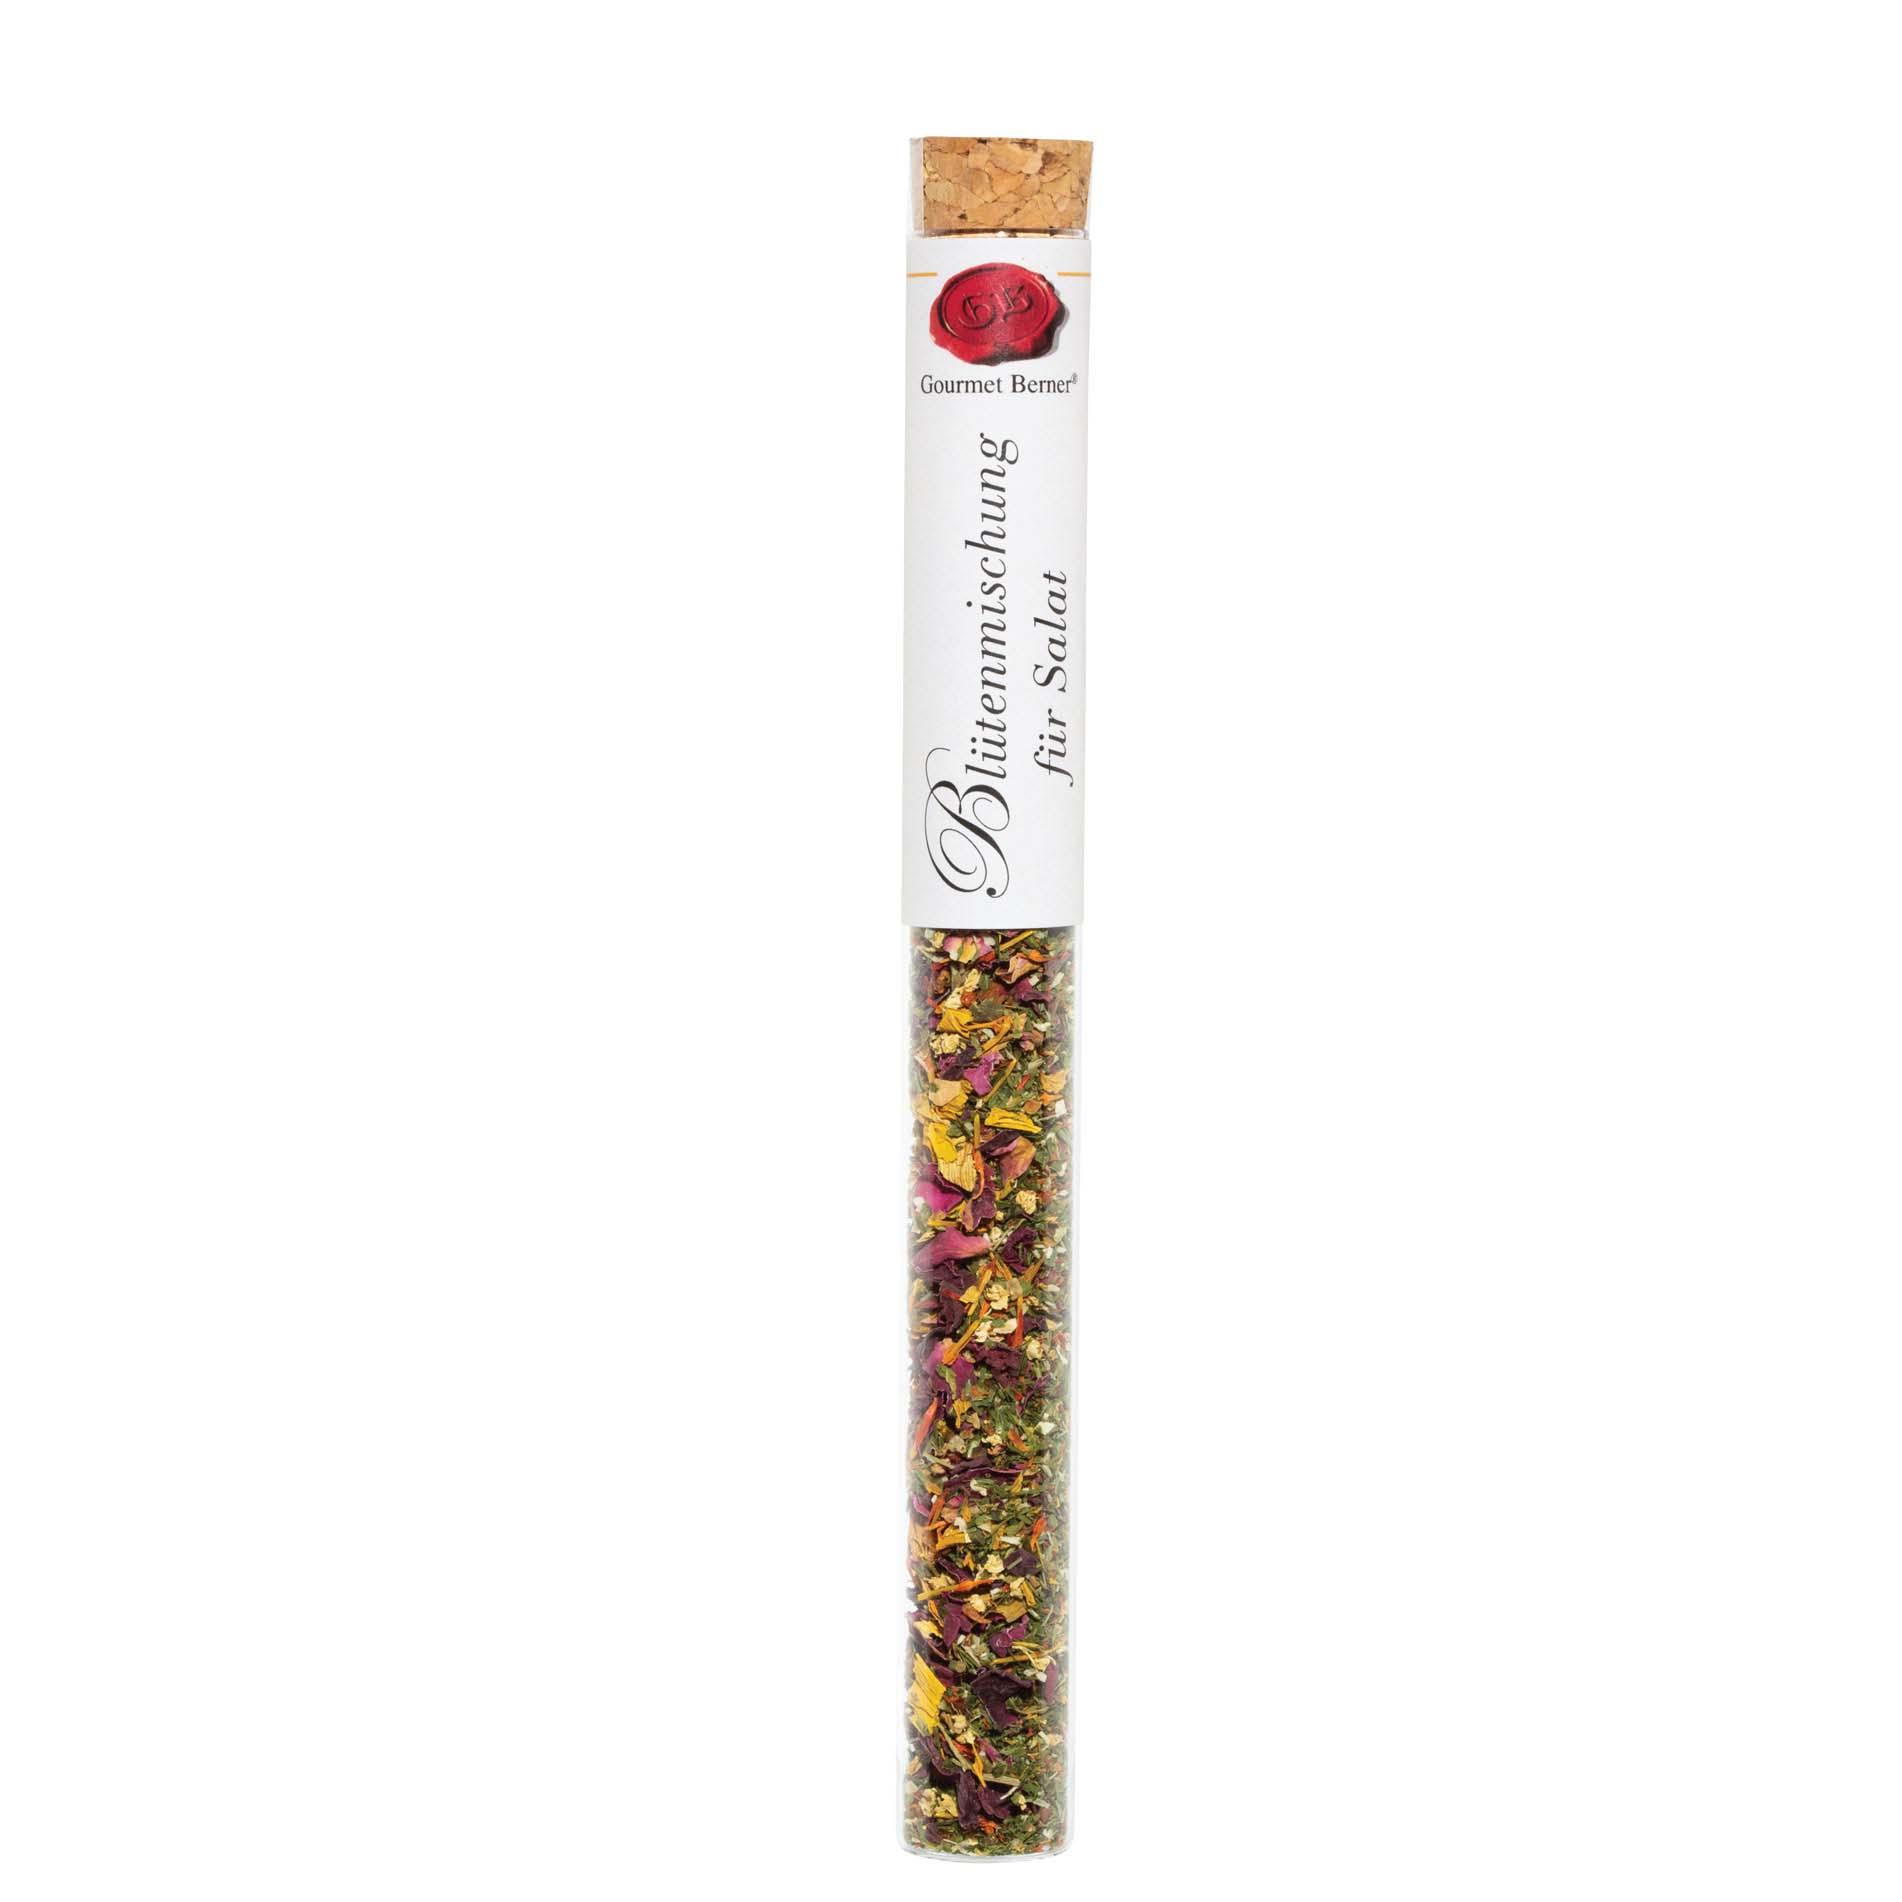 Gewürz in Vitro - Blütenmischung für Salat - Gourmet Berner